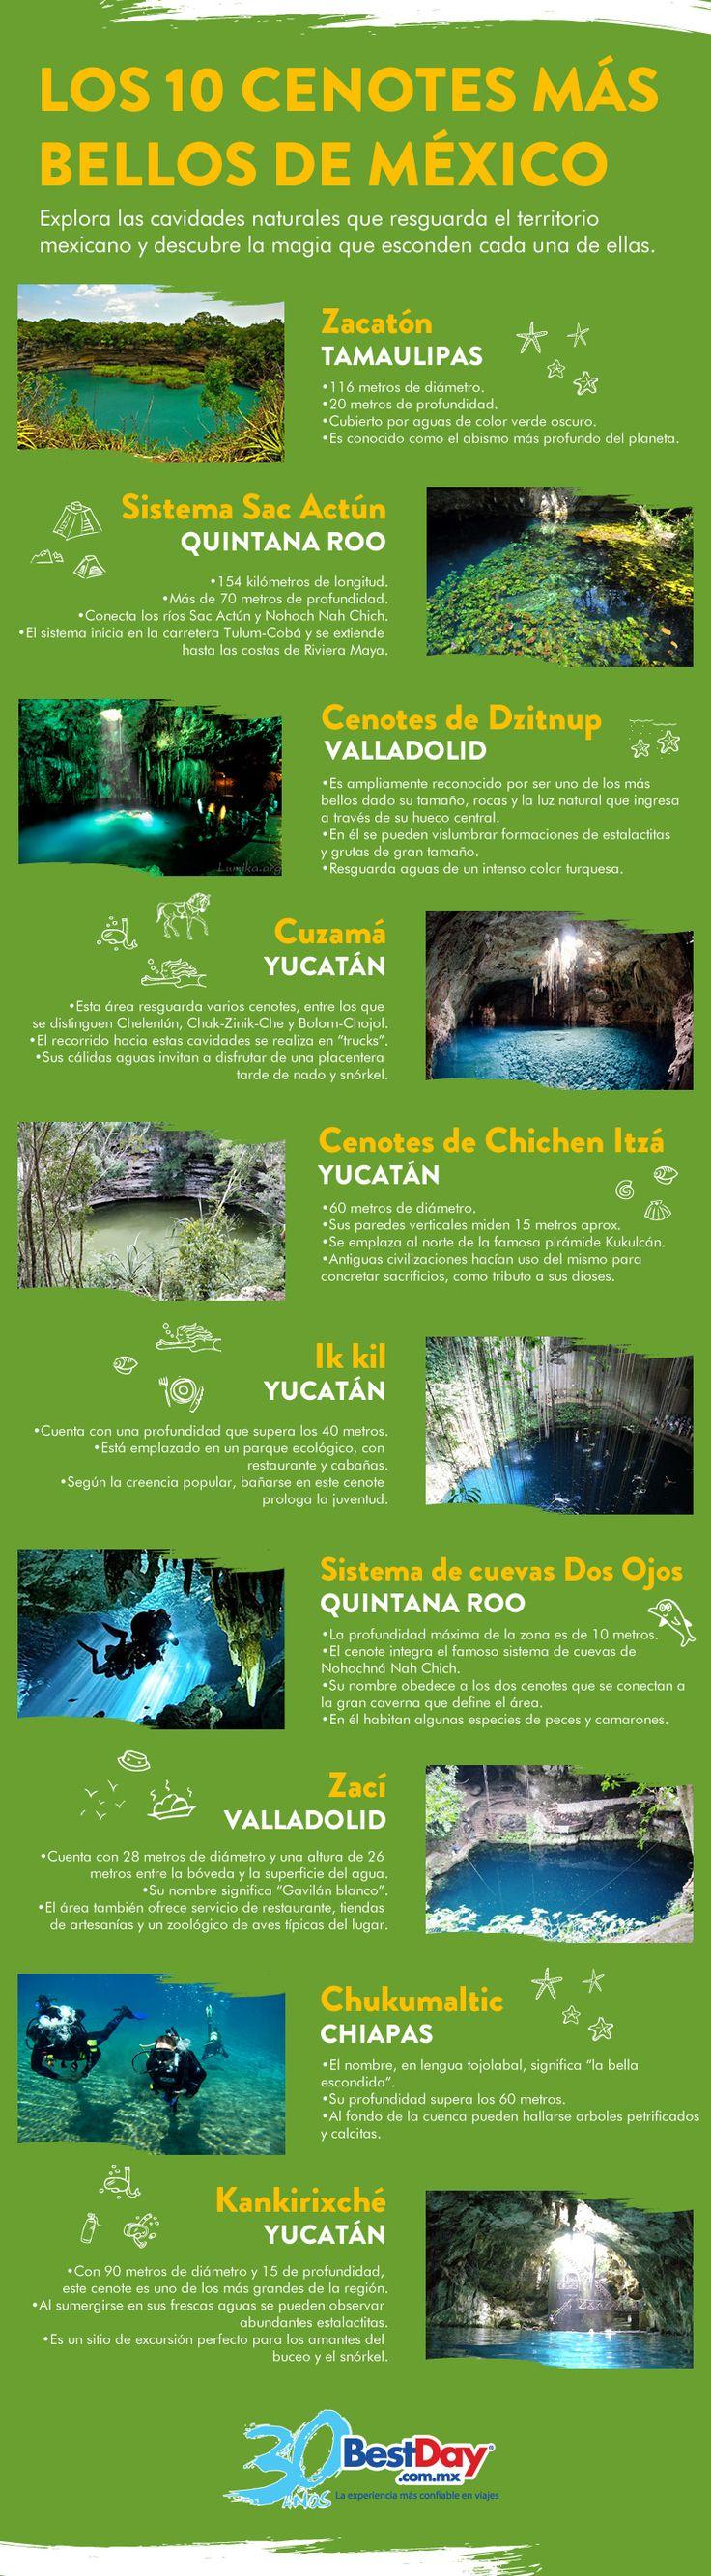 Los 10 cenotes más bellos en México